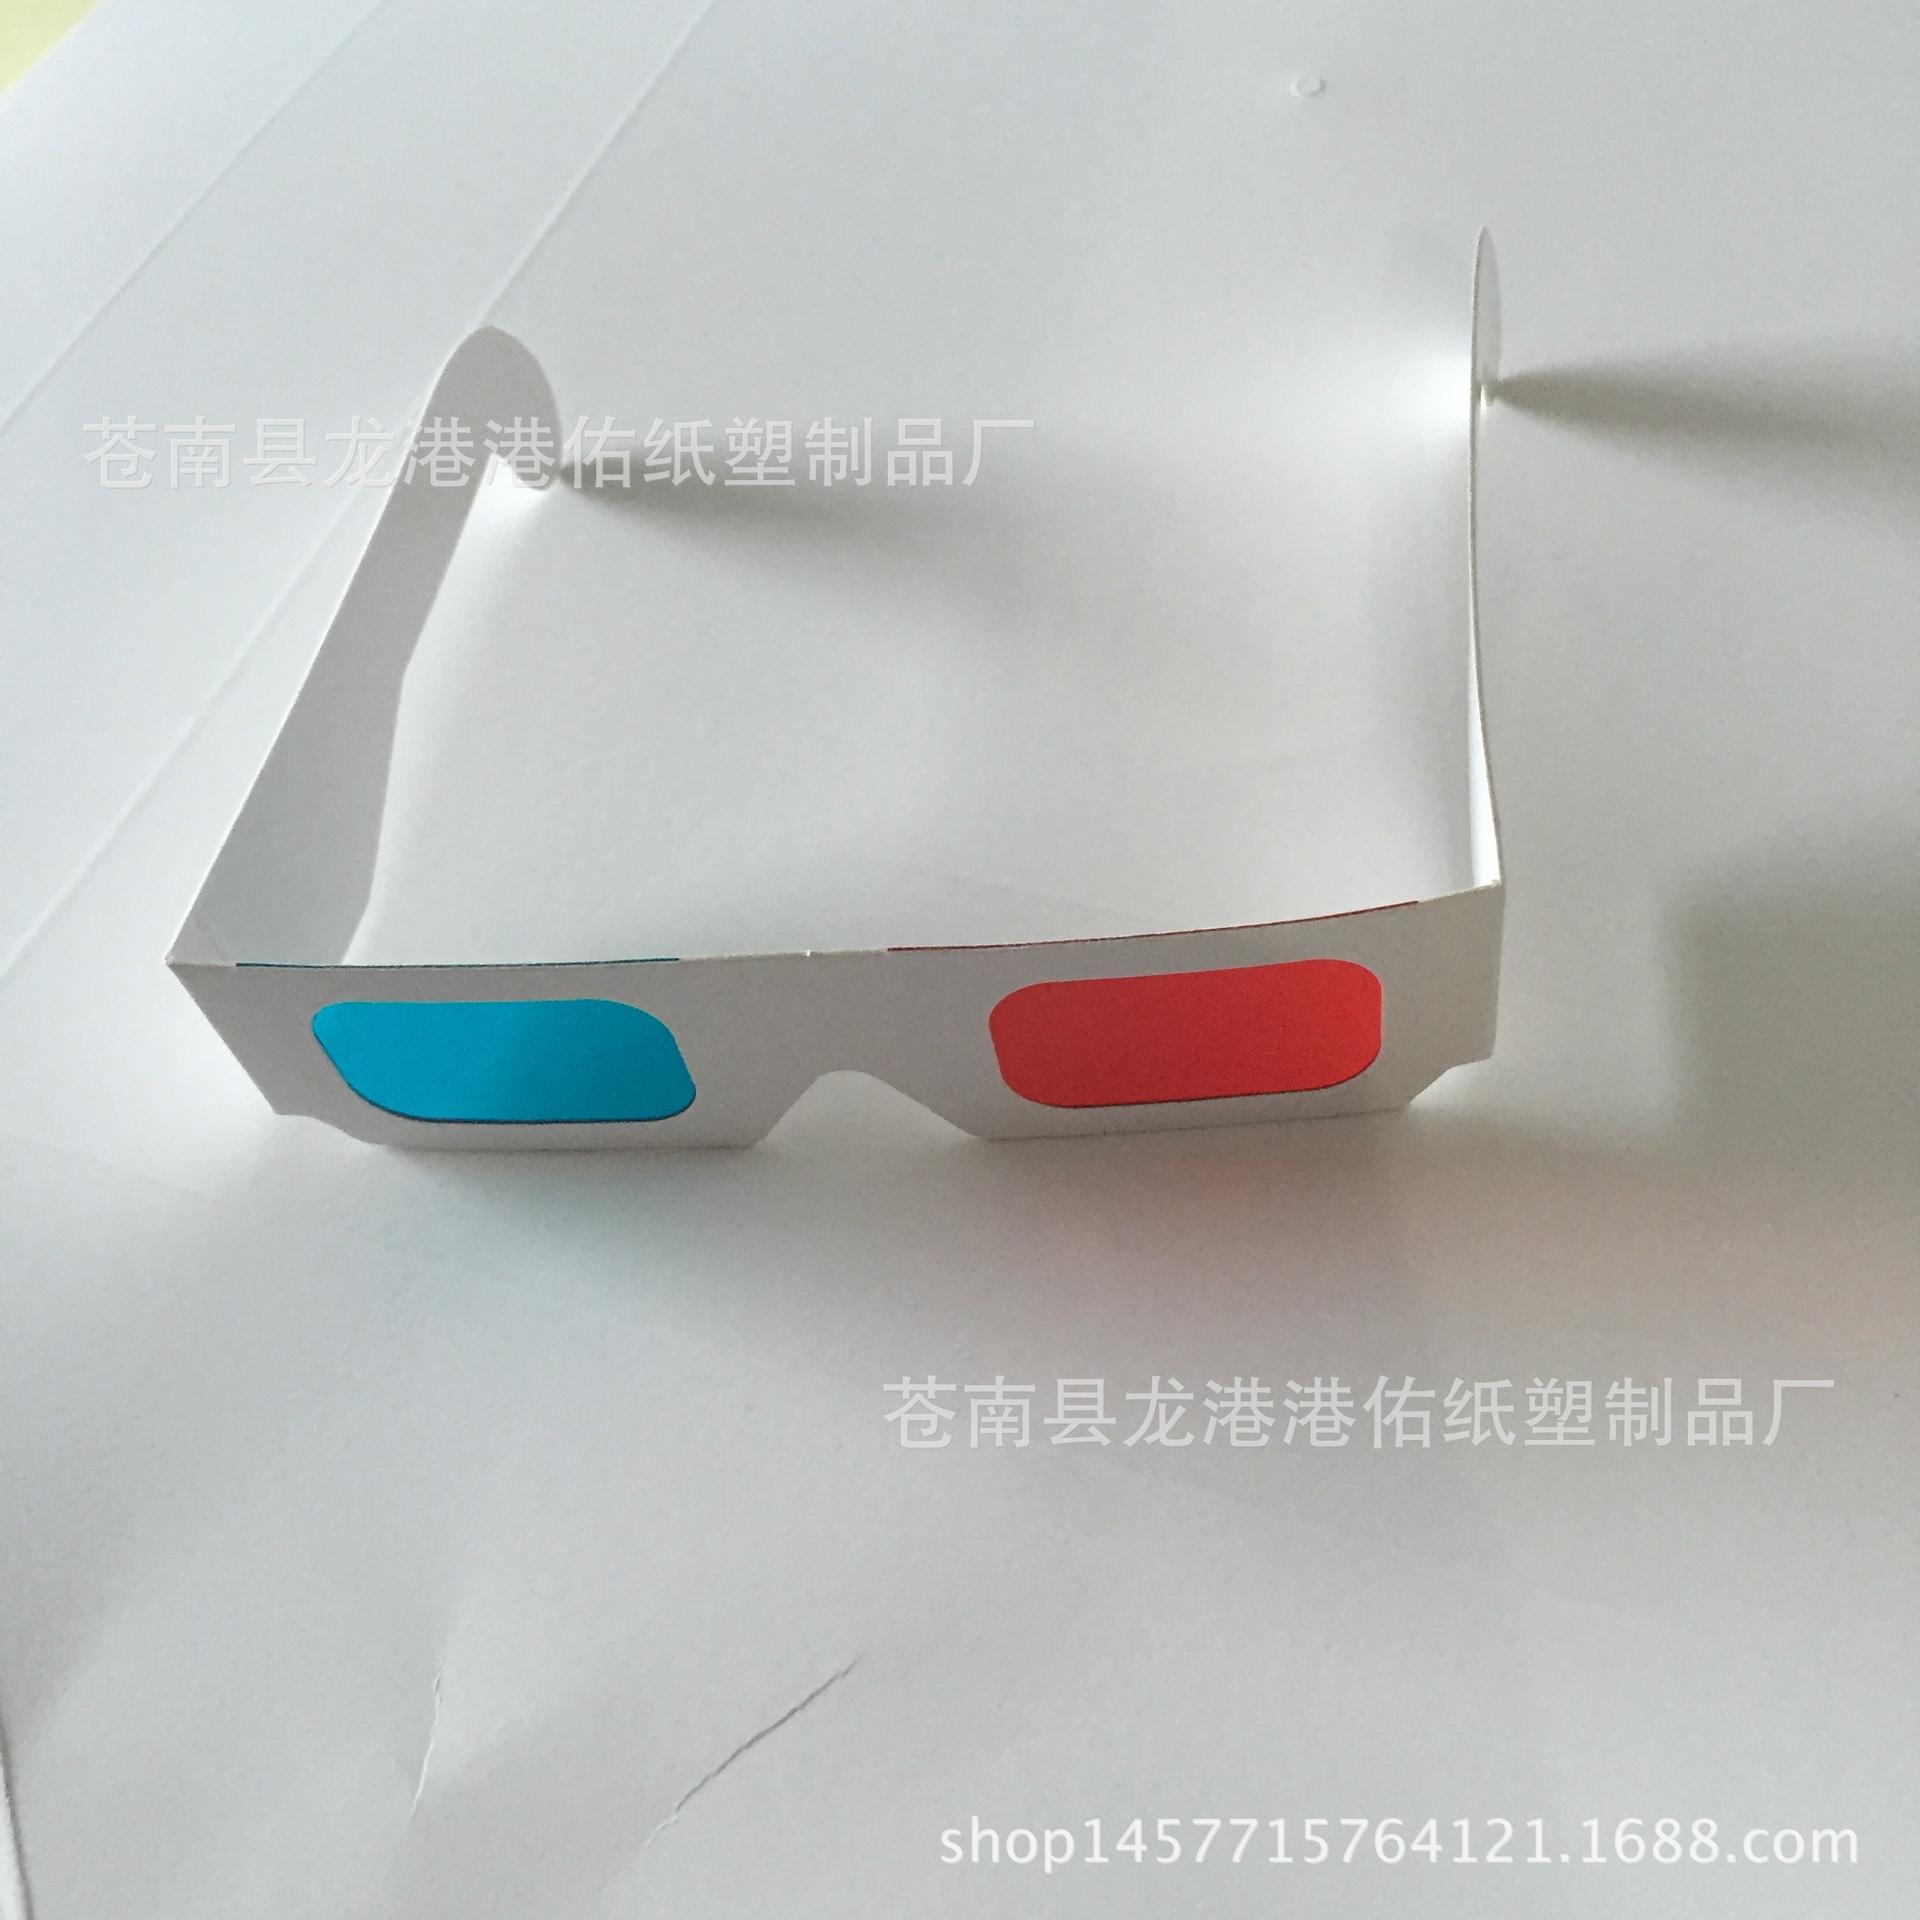 低价批发纸制 3D眼镜 3D立体眼镜 白色现货 全网来比价